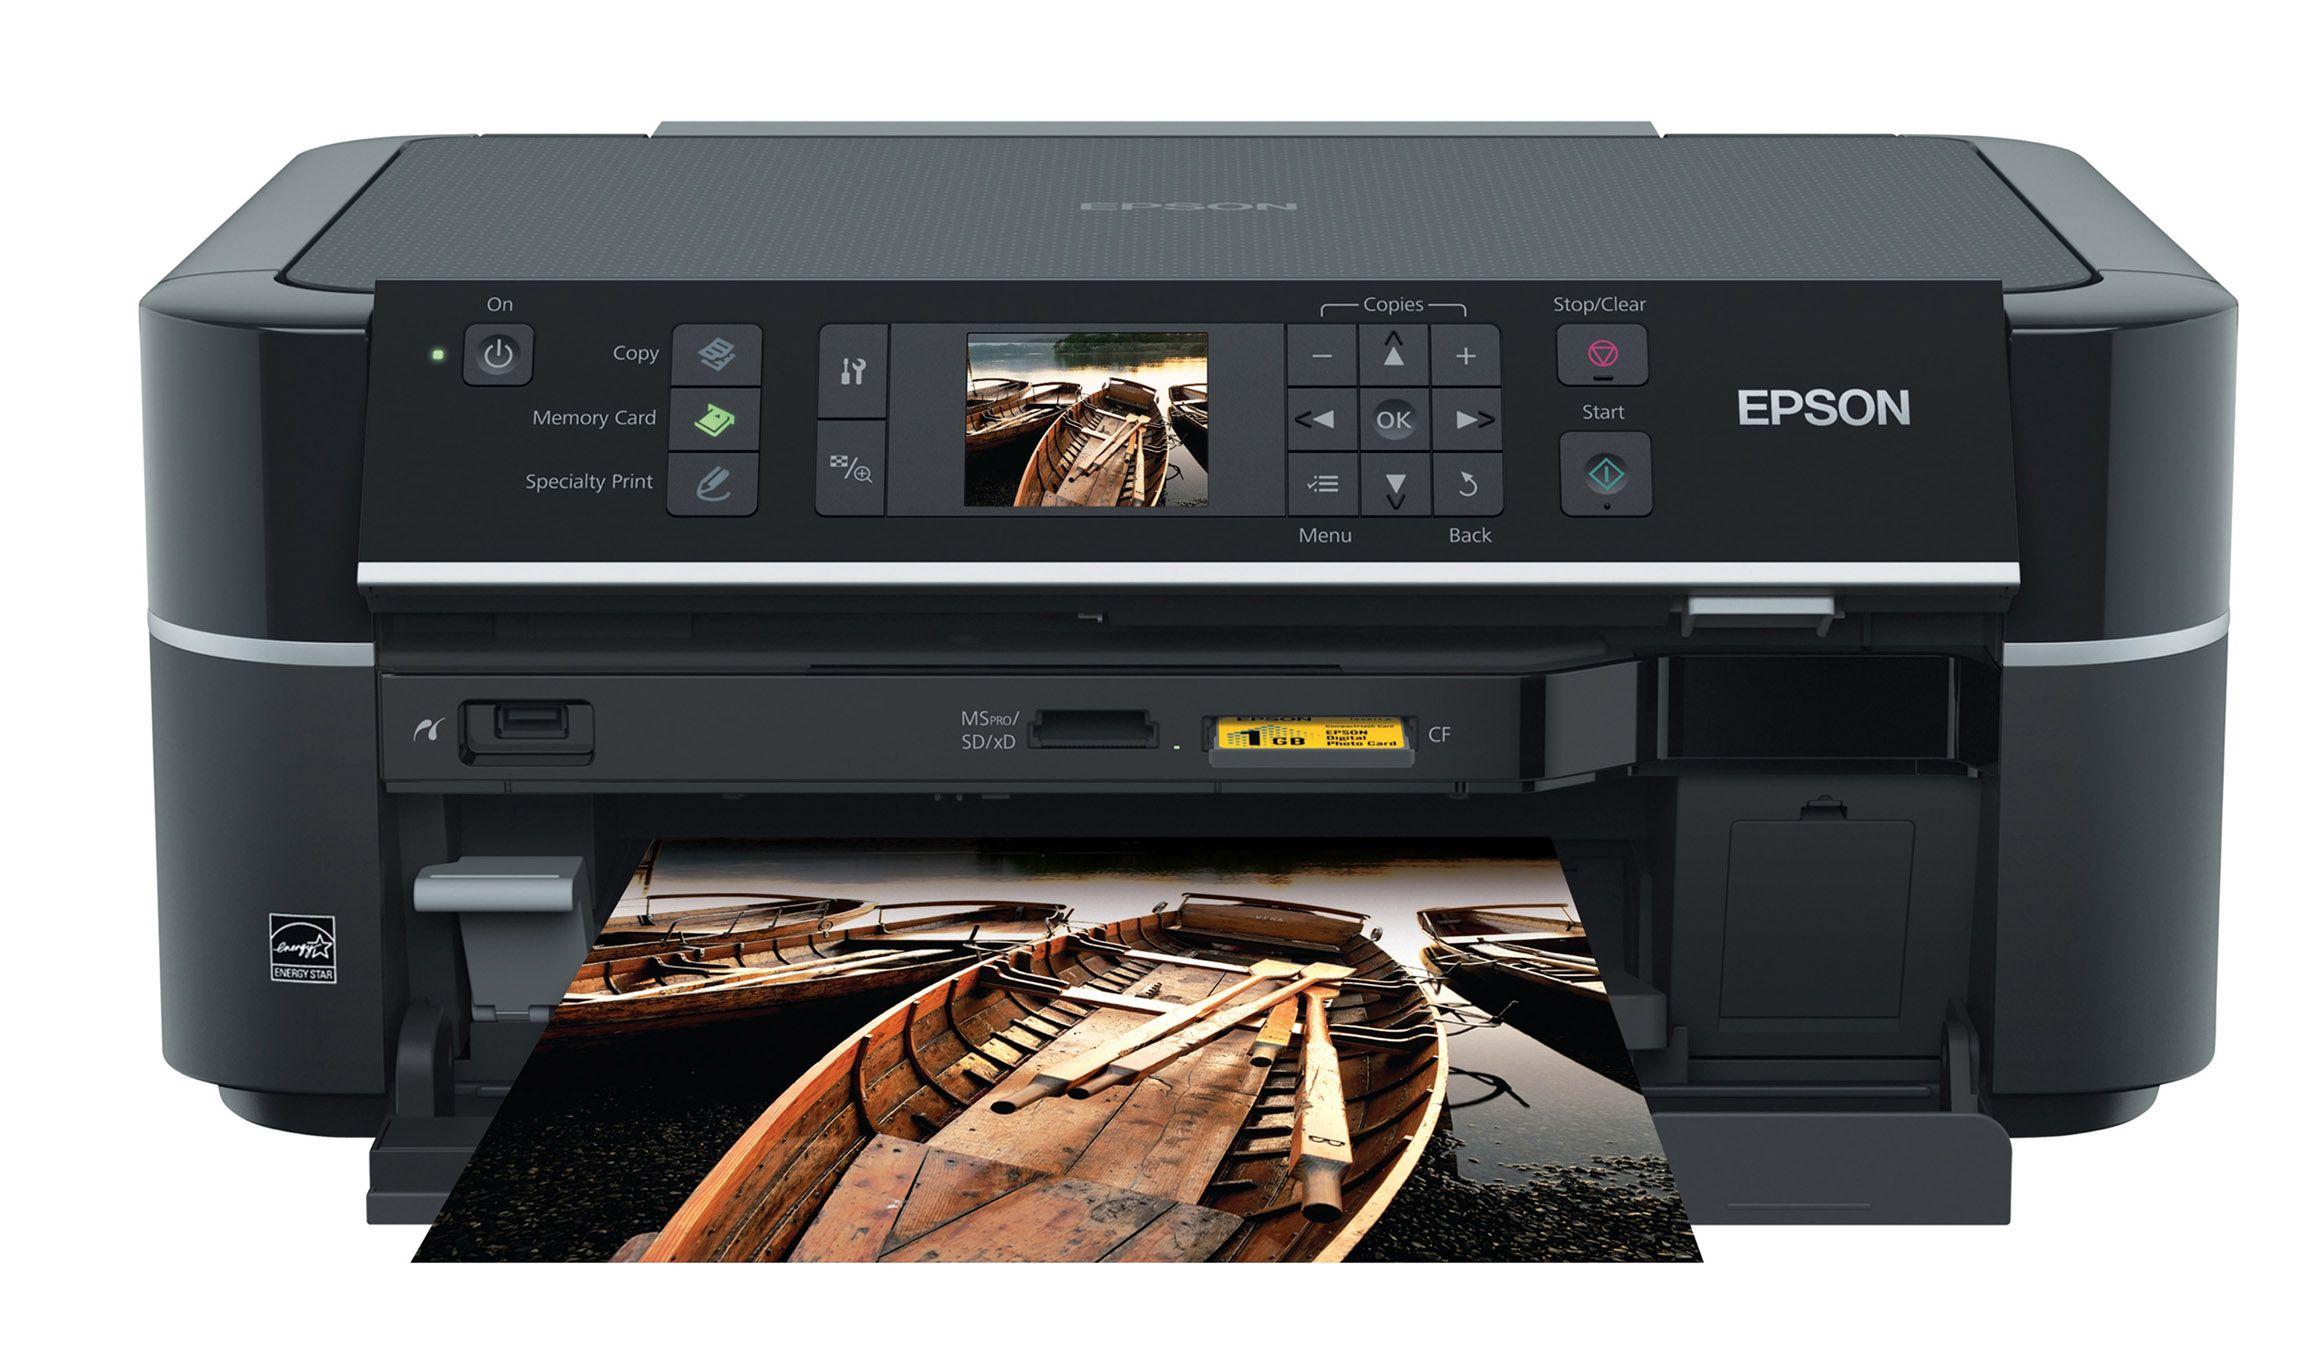 Скачать драйвер принтера epson stylus photo tx650